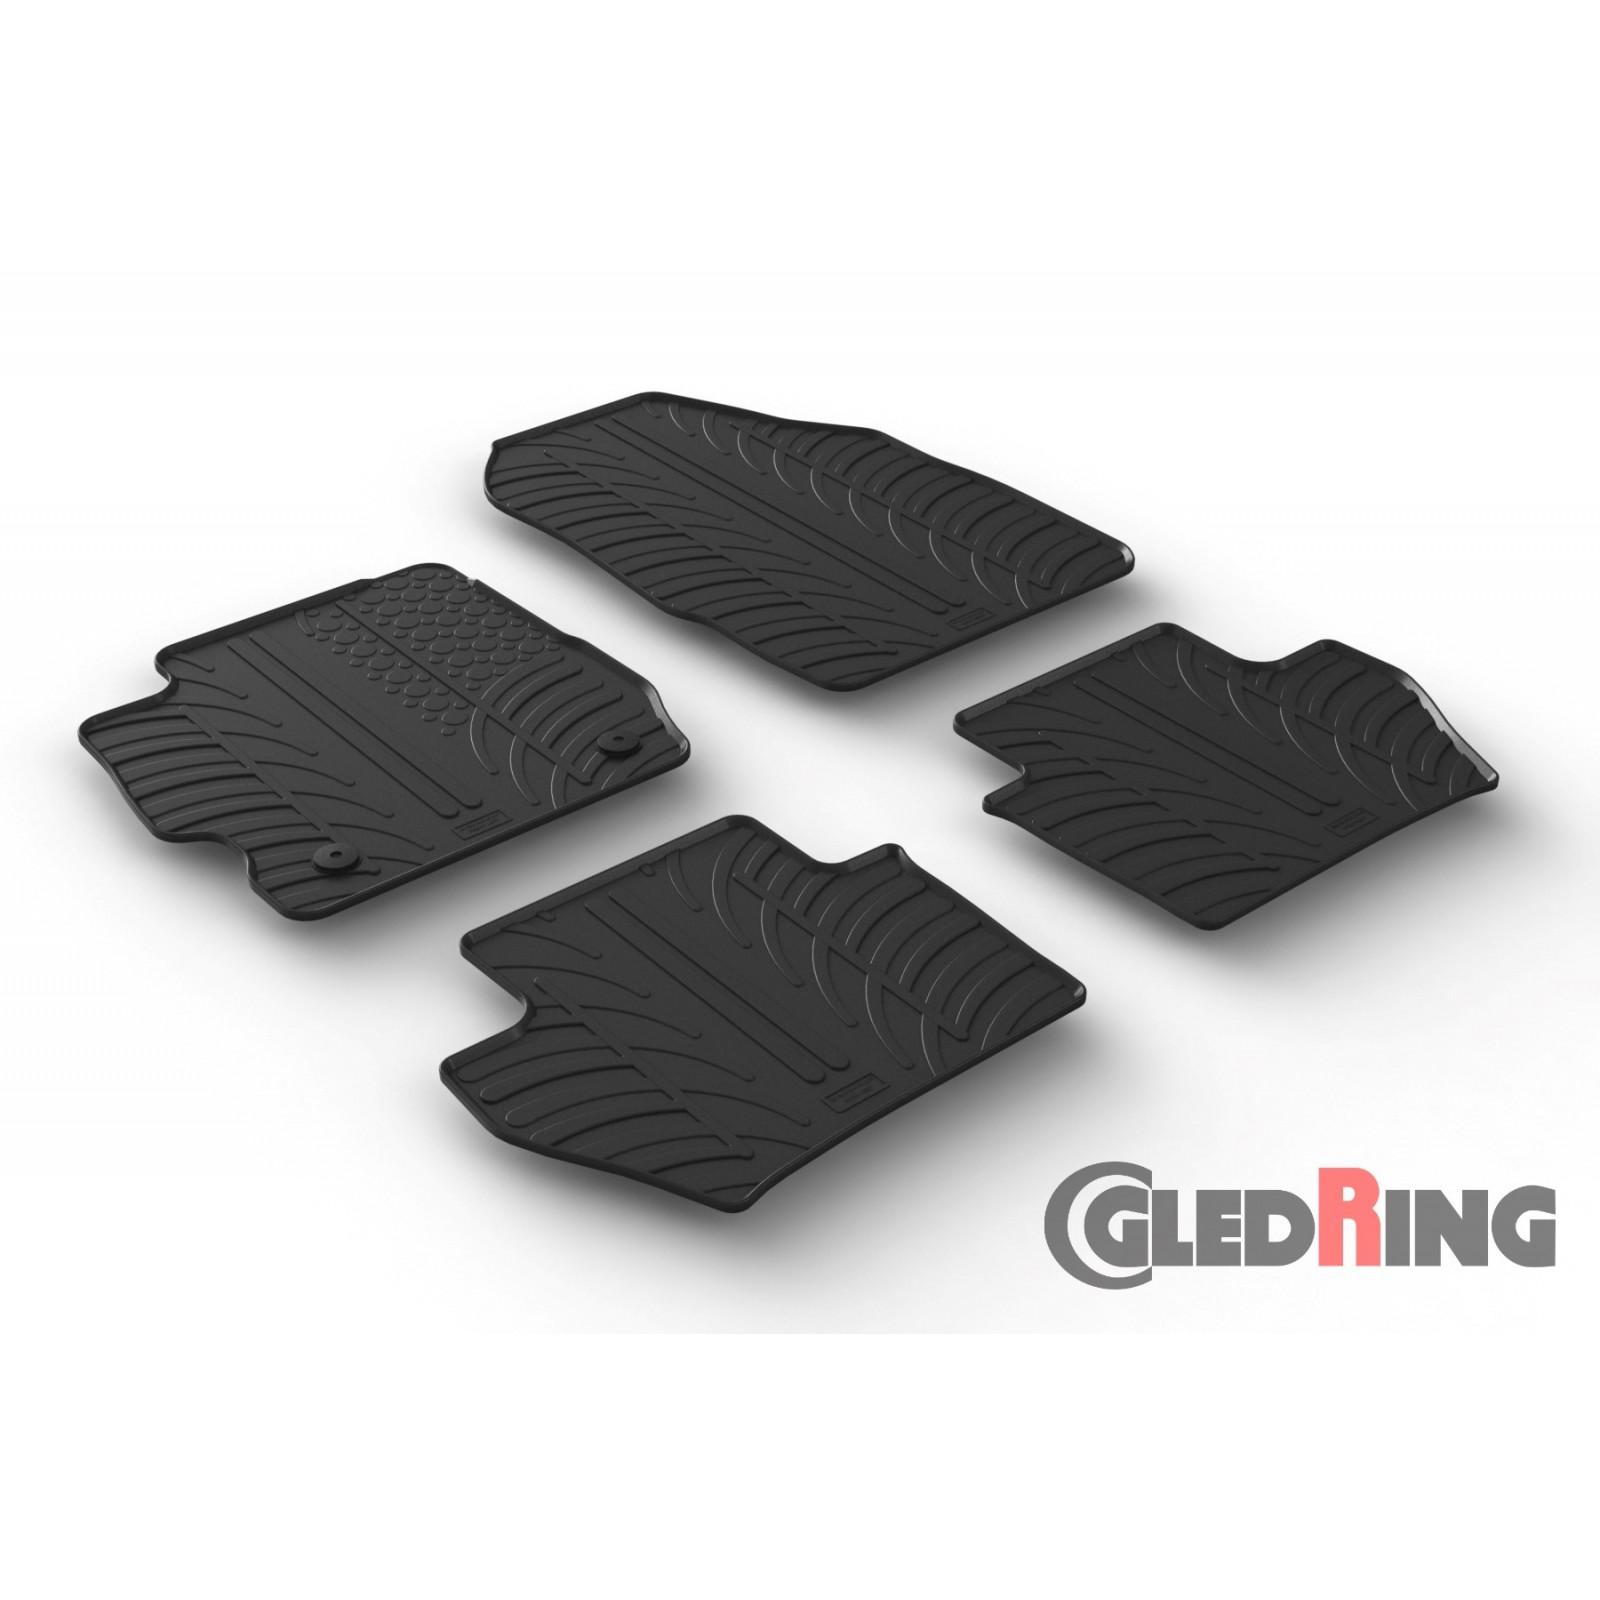 tapis en caoutchouc pour ford ka manual 5 portes. Black Bedroom Furniture Sets. Home Design Ideas